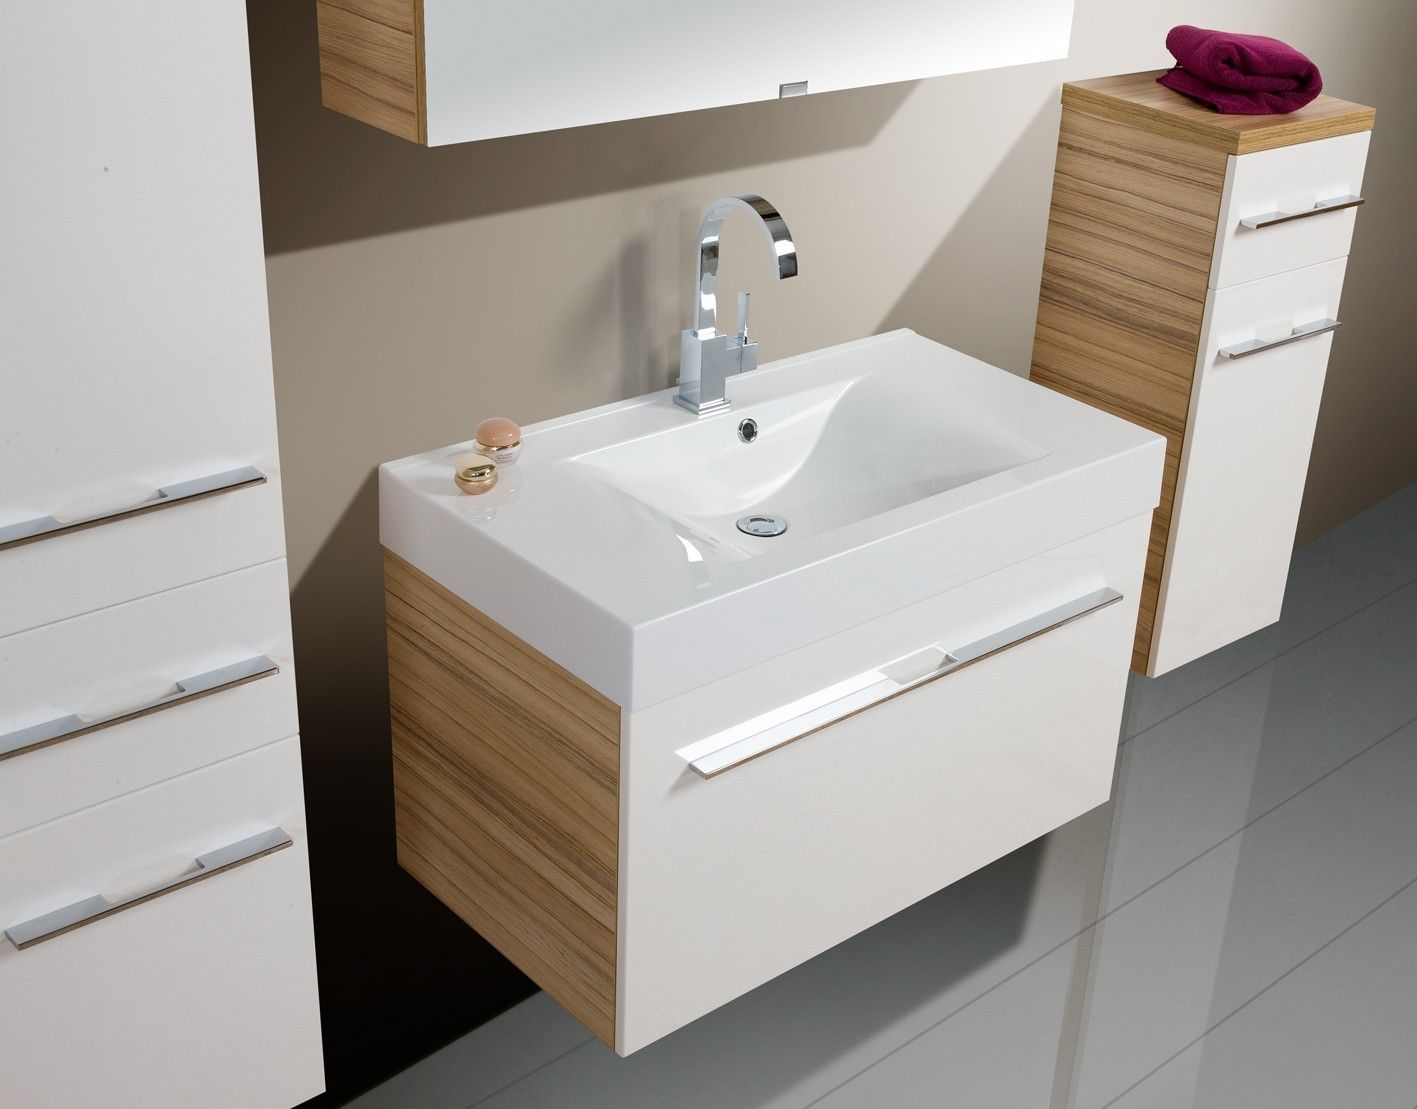 Melamine Bathroom Vanity Cabinet,floor Standing Bathroom Cabinet,wall Hung Bathroom Vanity